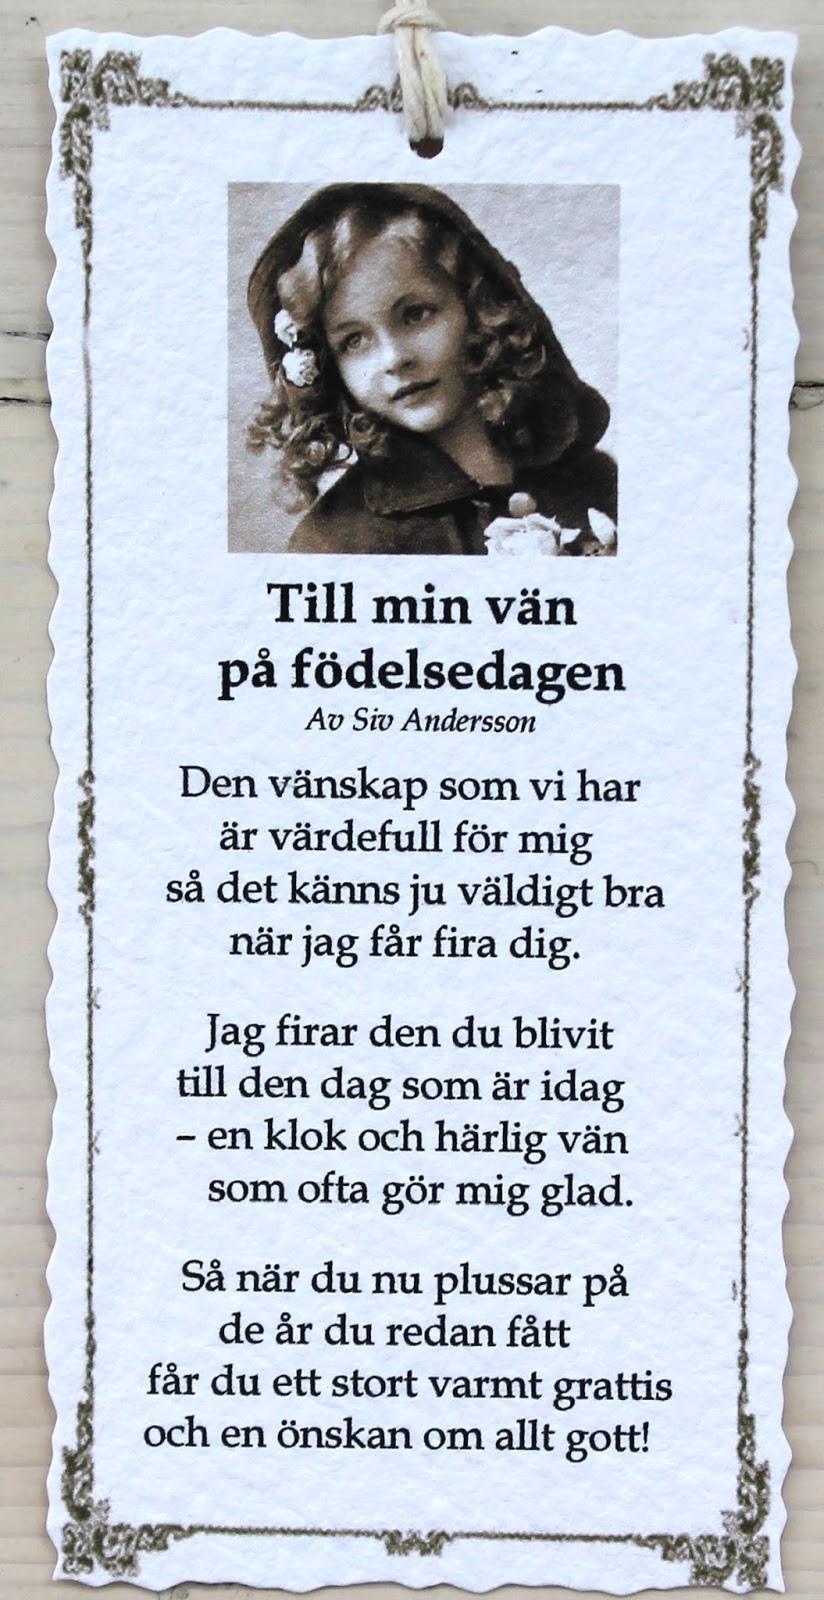 grattis på födelsedagen bror dikt Grattis På Födelsedagen Min Bror — Sceneups grattis på födelsedagen bror dikt